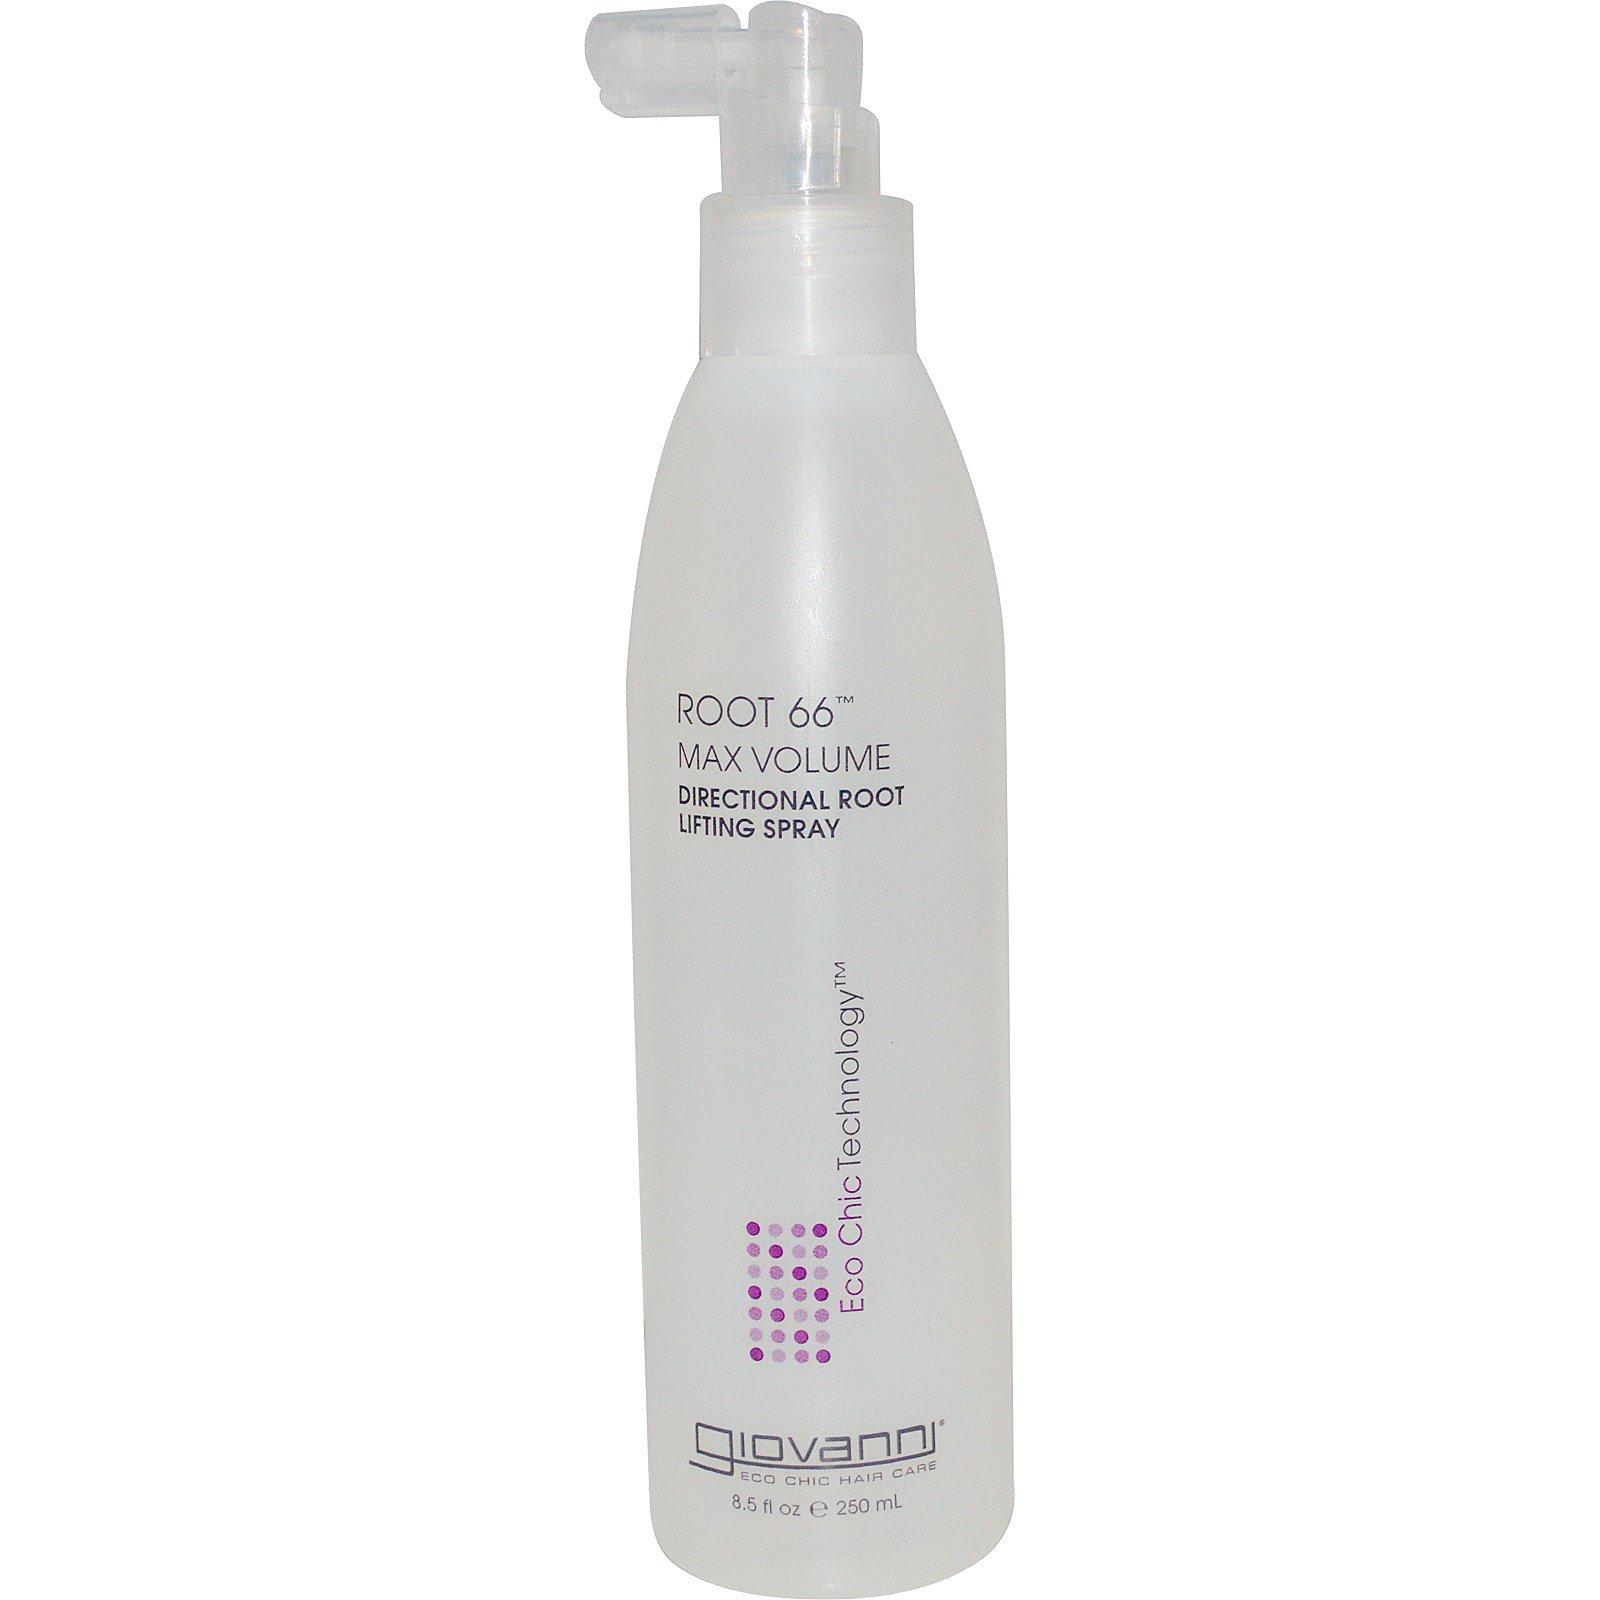 Giovanni, Root 66, масксимальный объем, спрей для увеличения объема волос у корней, 8.5 жидких унций (250 мл)